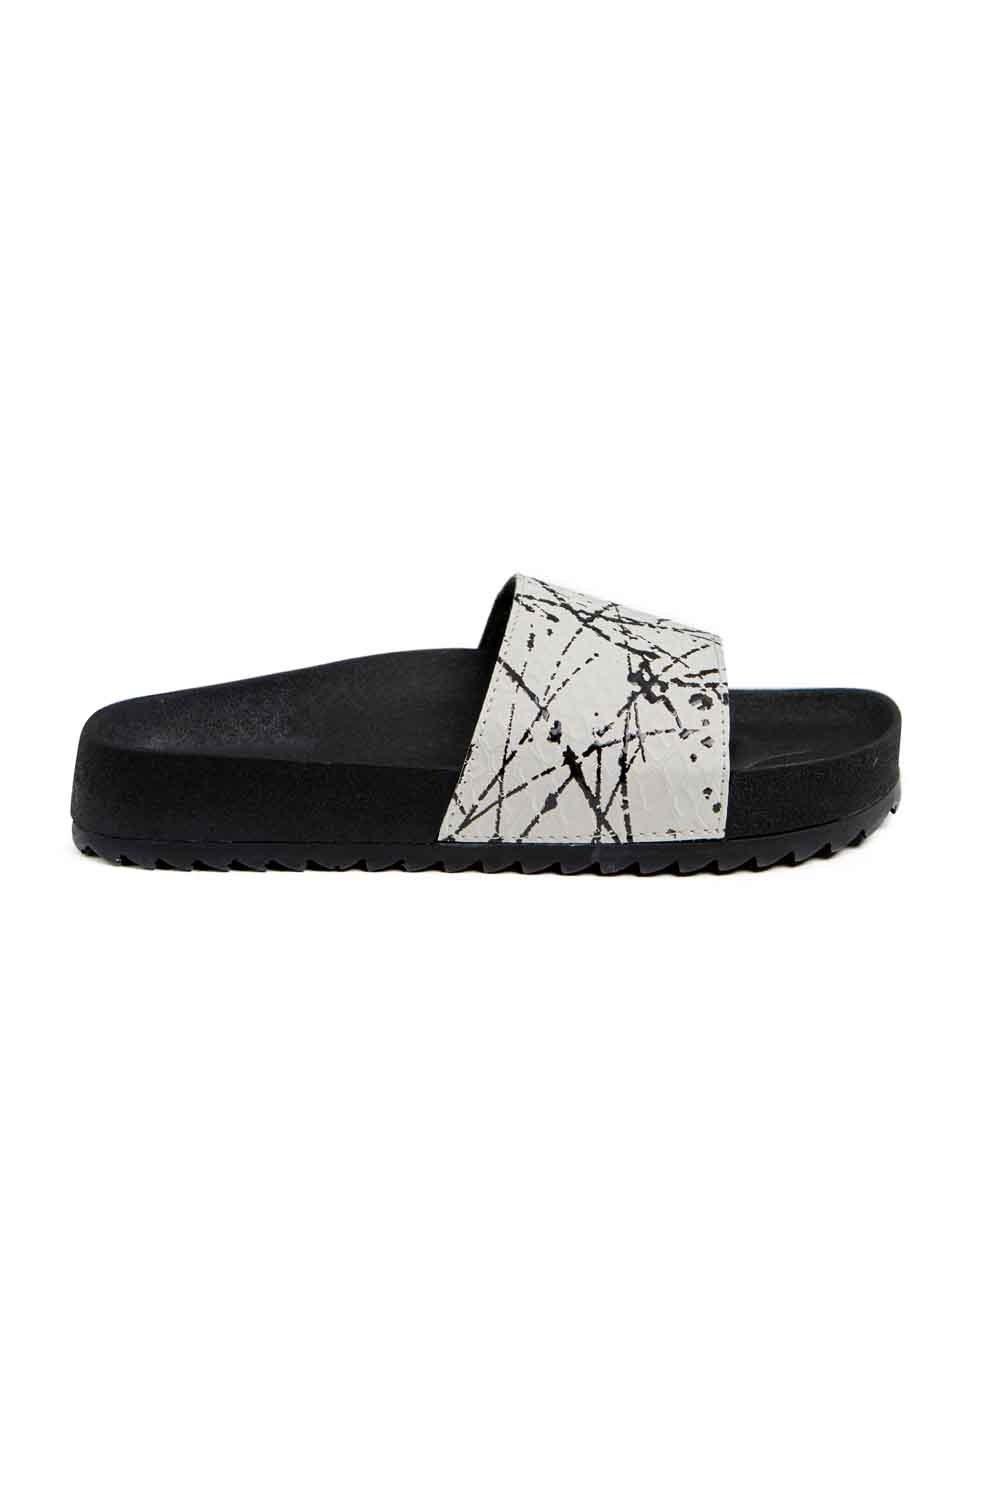 MIZALLE Soft Sole Slippers (White) (1)